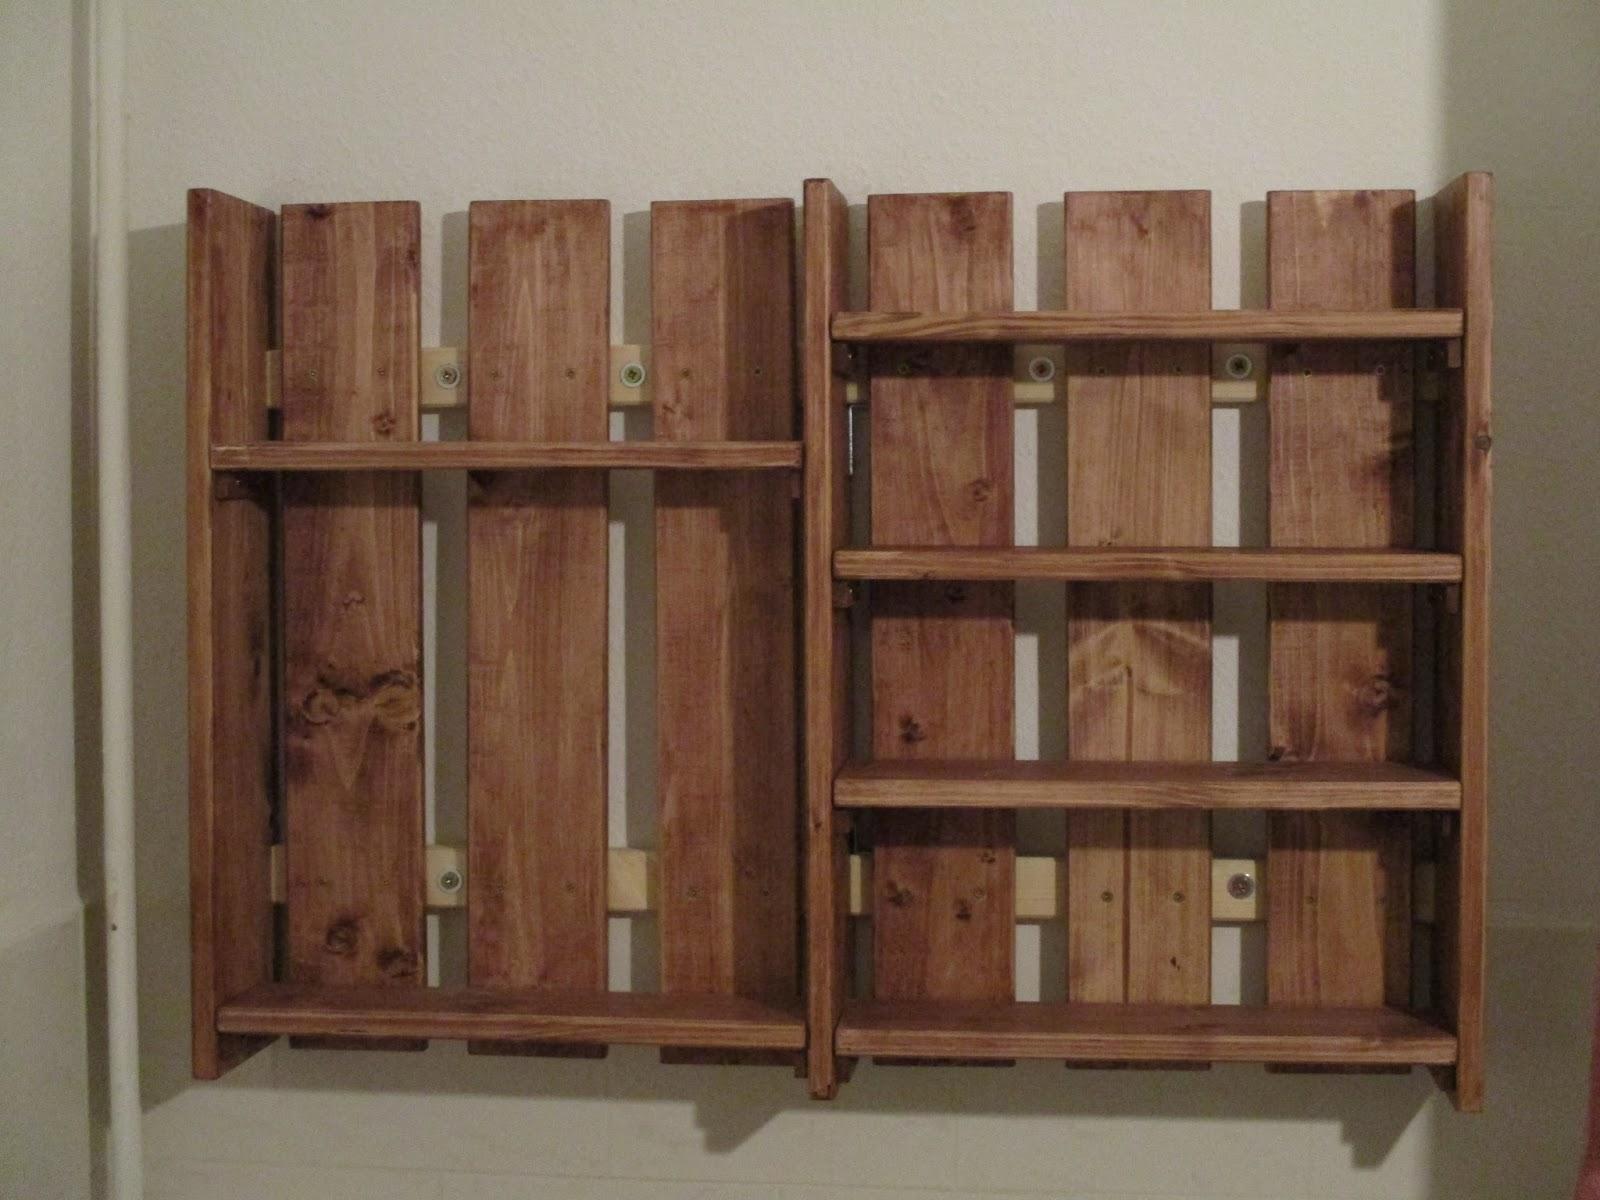 utopie im kleinformat diy gew rzregal. Black Bedroom Furniture Sets. Home Design Ideas